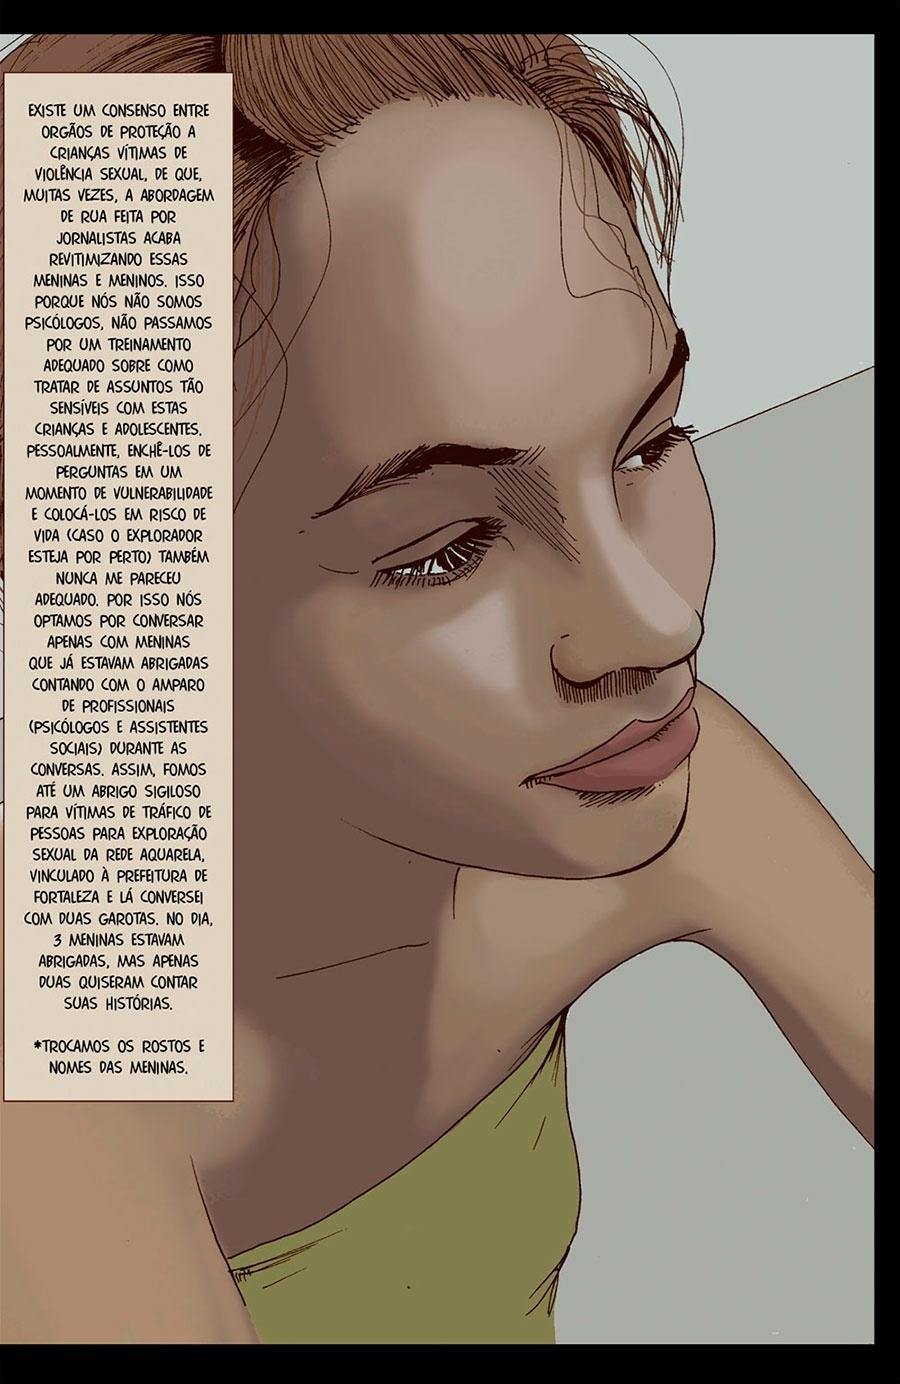 Capítulo 2: Os repórteres conversaram apenas com meninas que estavam em abrigos acompanhados por profissionais como psicólogos e assistentes sociais.